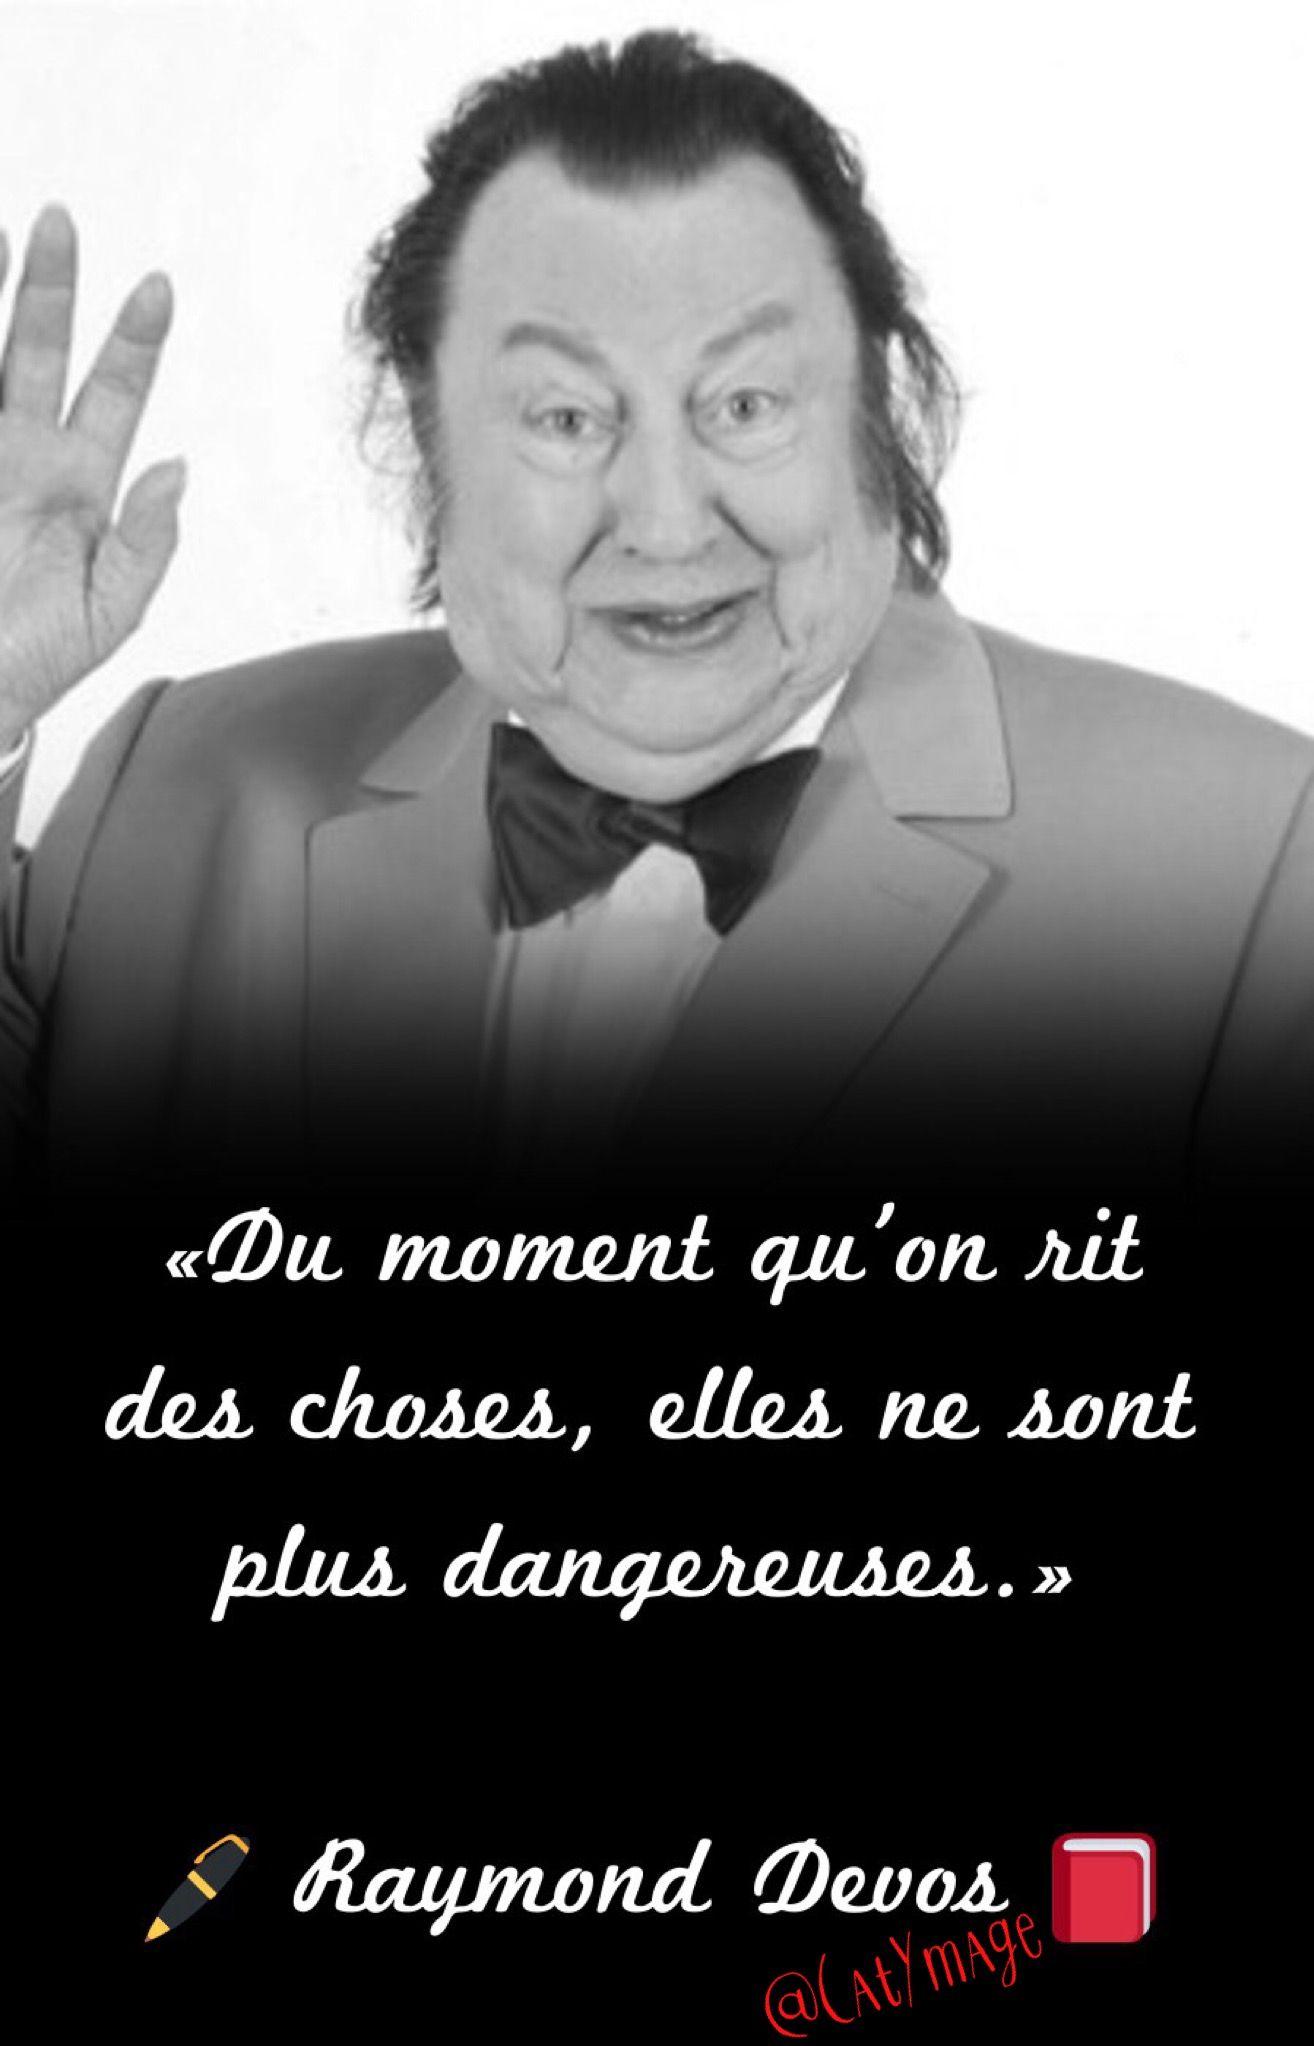 Du moment qu'on rit des choses, elles ne sont plus dangereuses.» ✍🏻 Raymond Devos 📕 #RaymondDevos | Blague francais, Meilleur blague, Blague